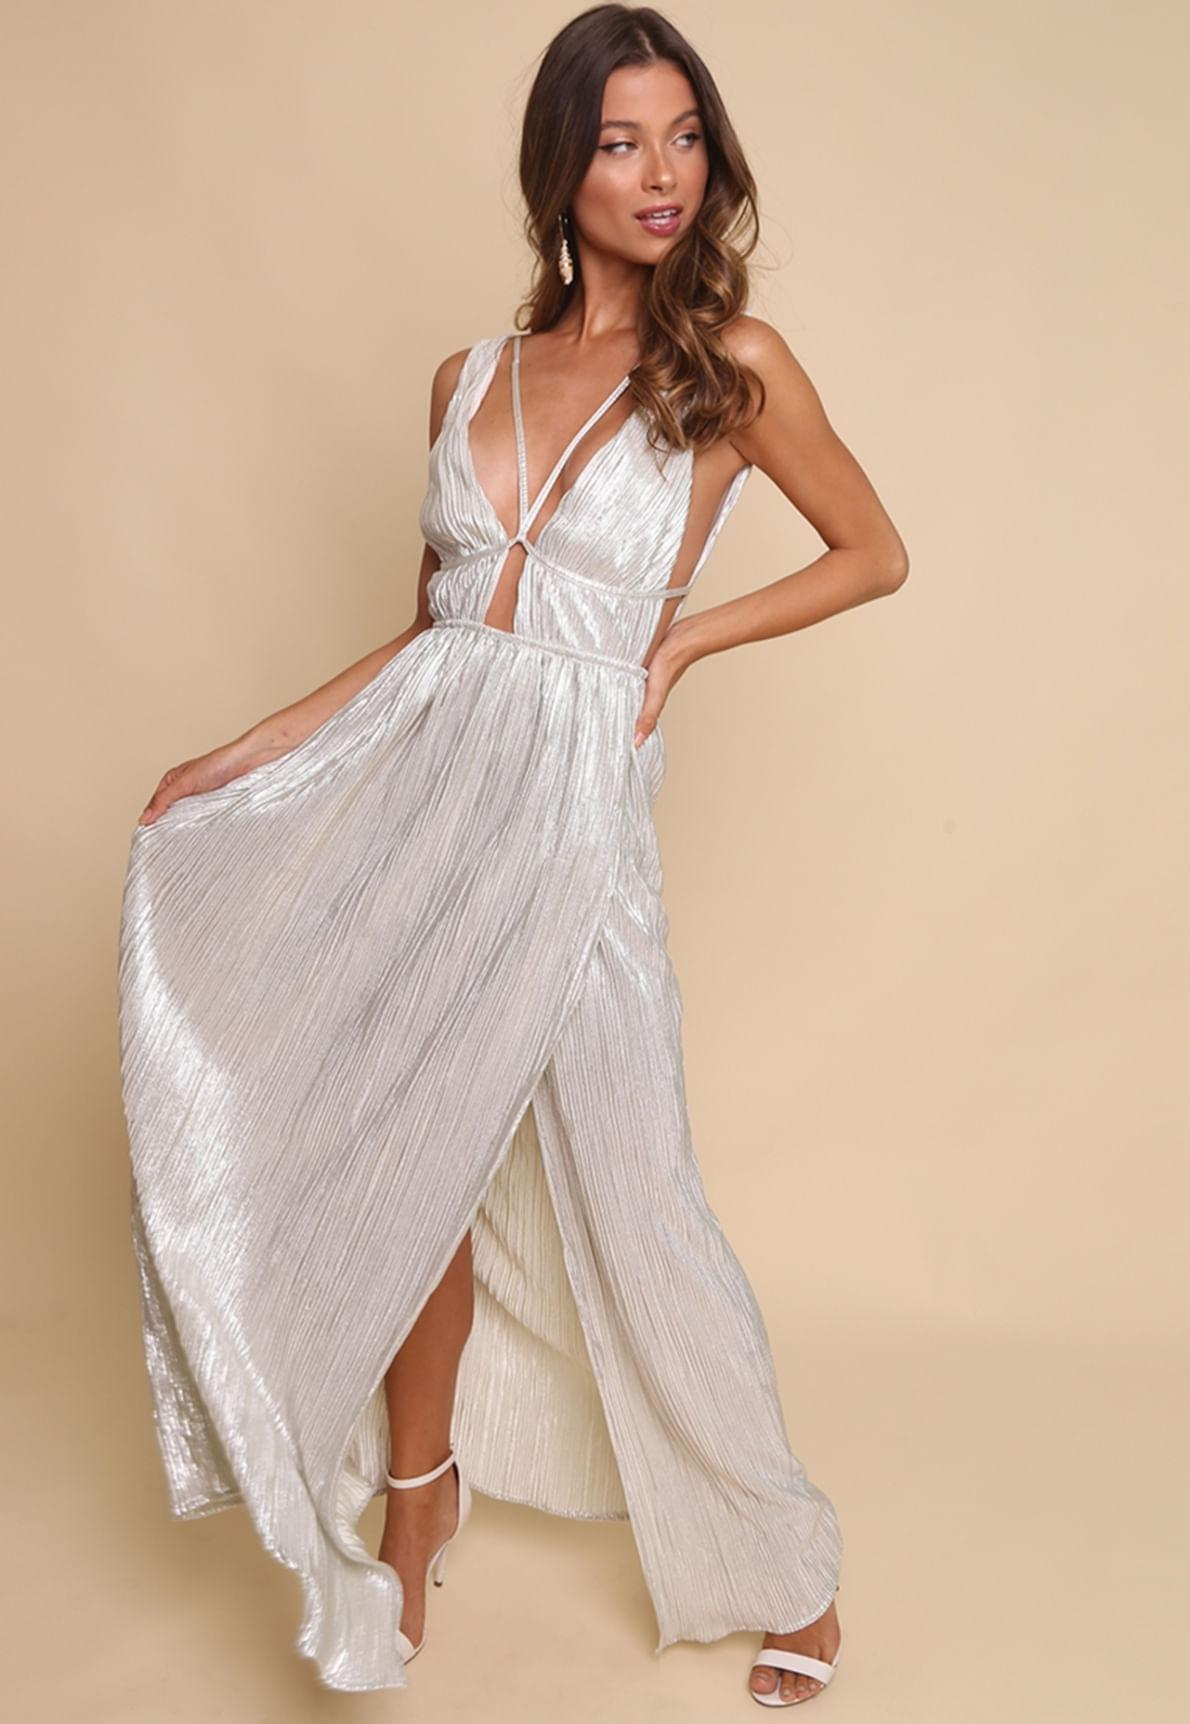 30162-vestido-longo-plissado-analua-mundo-lolita-01